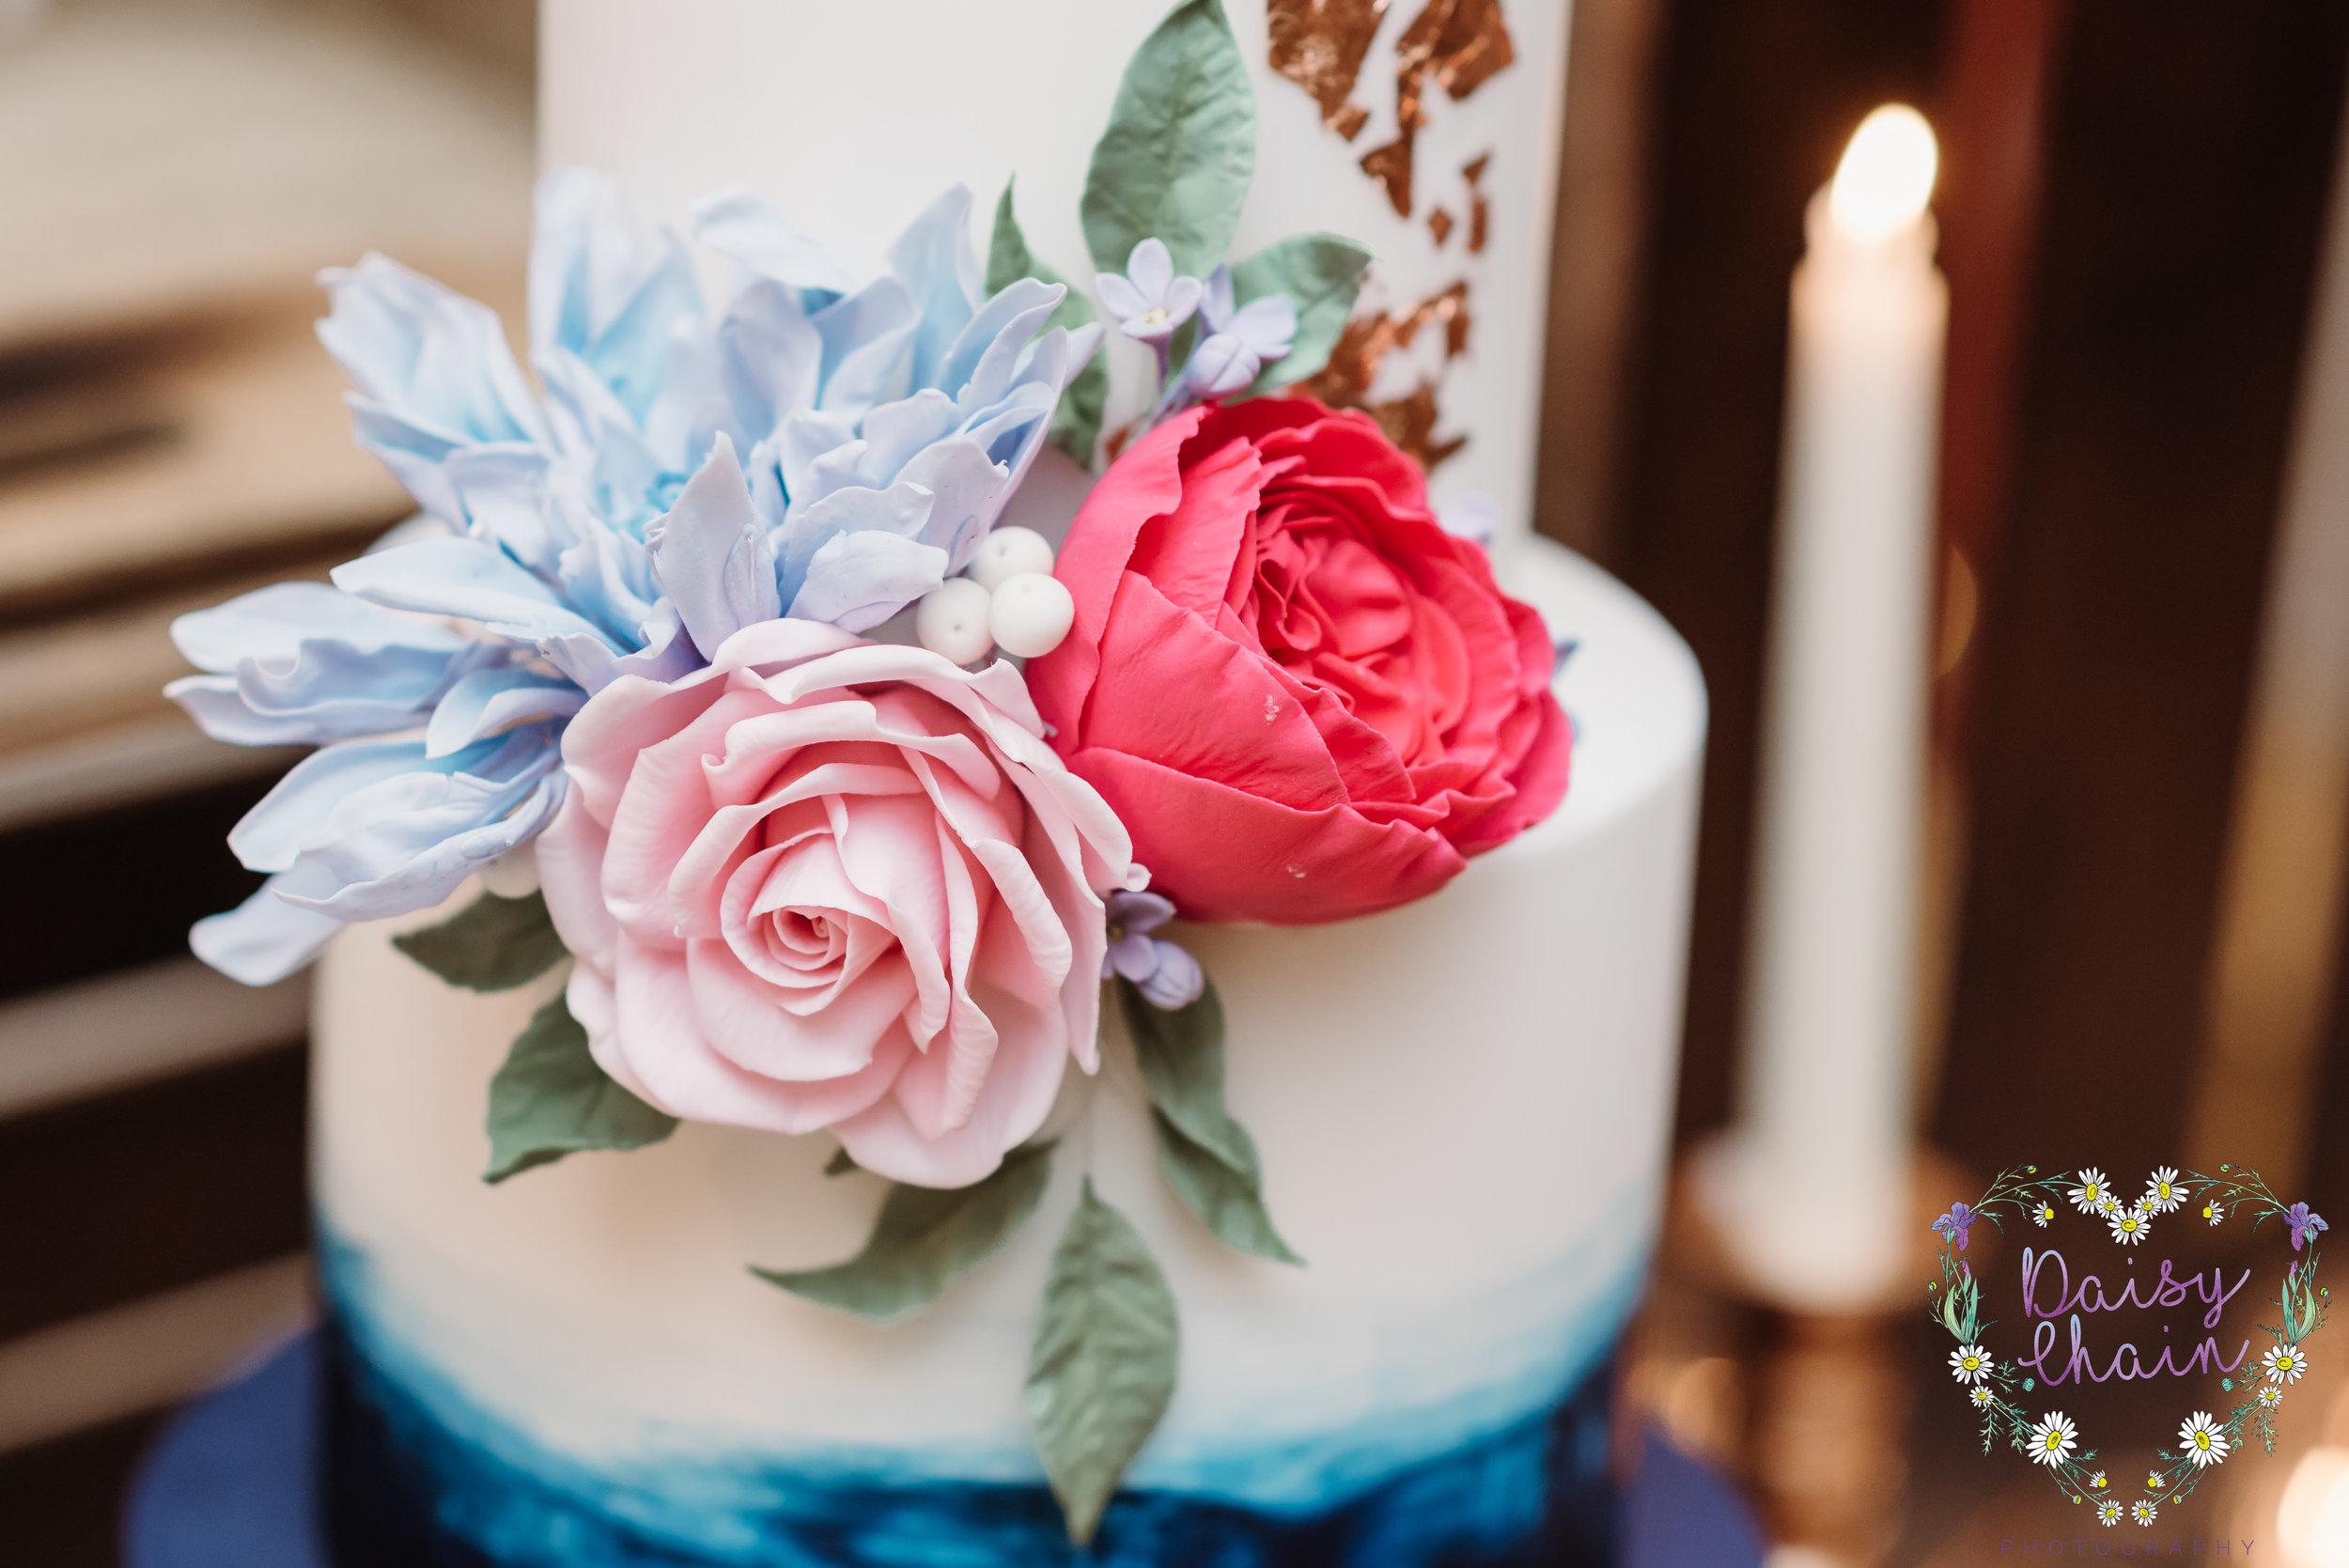 Sugar craft wedding flowers